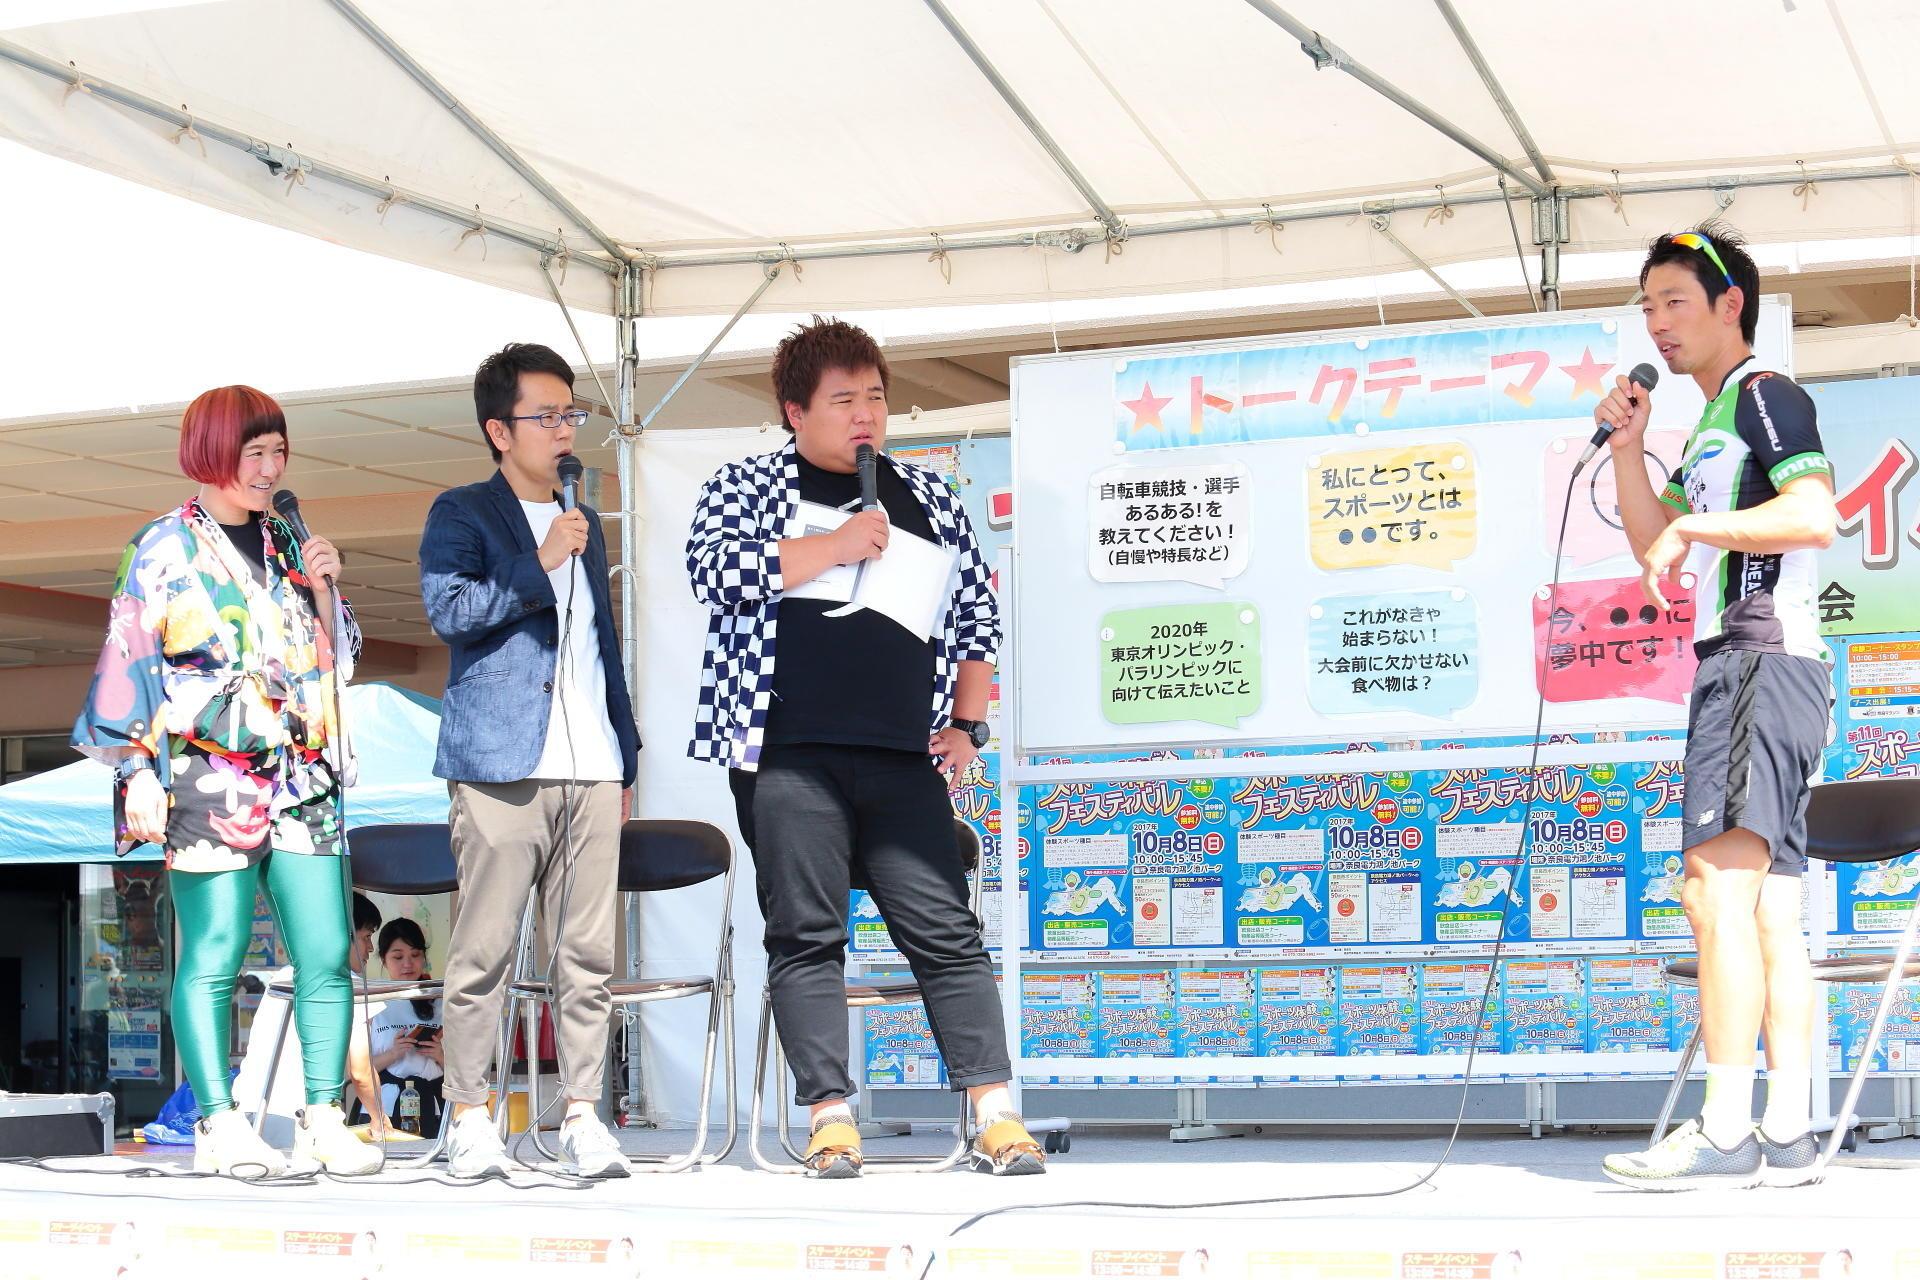 http://news.yoshimoto.co.jp/20171013012240-dae521e010607d108ab51313a5ba898b8fb825ba.jpg